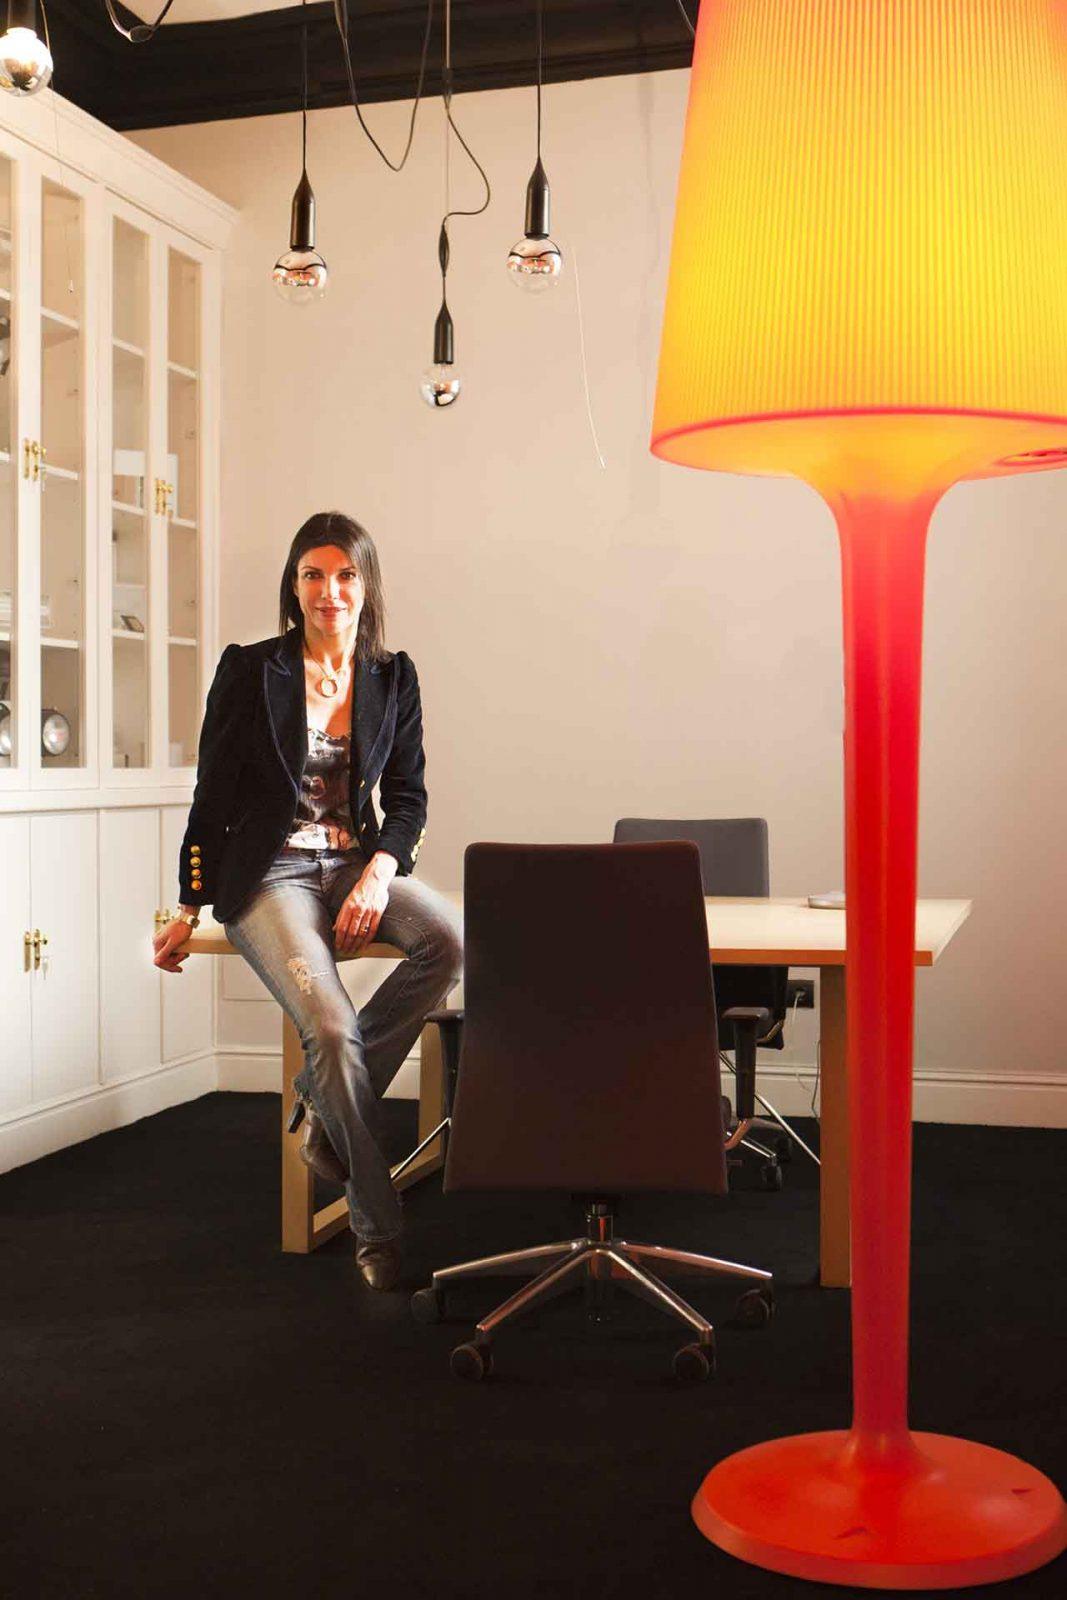 Alicia mesa alicia mesa dise adora de interiores y - Trabajo de arquitecto en madrid ...